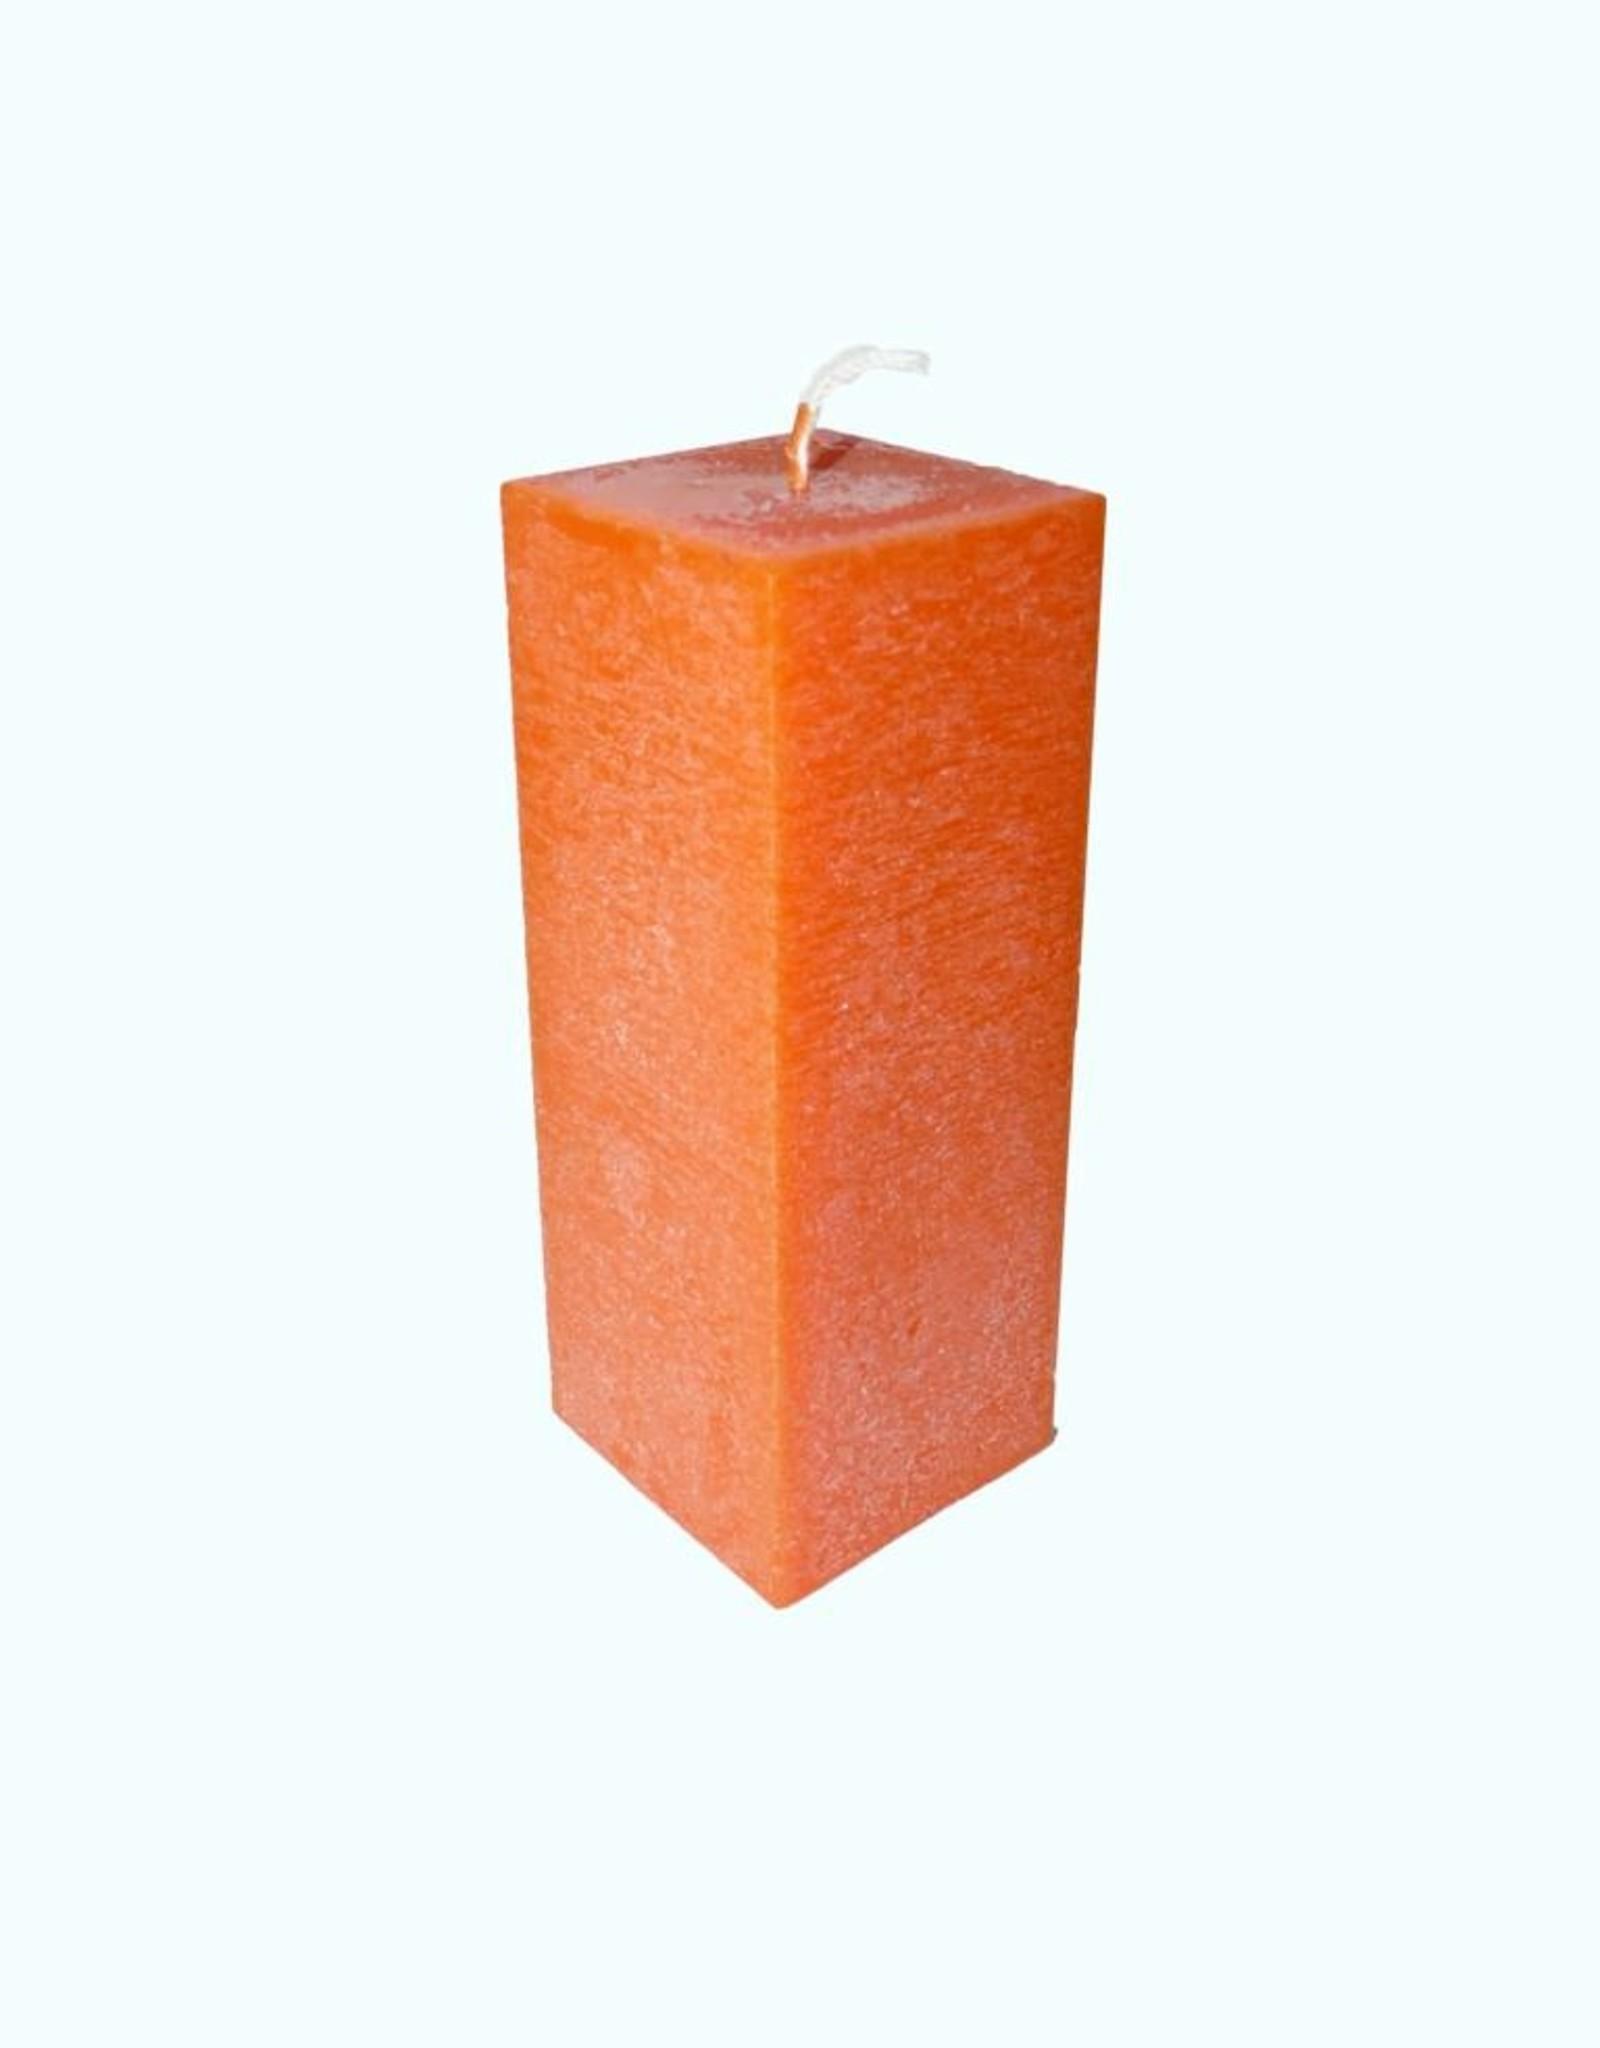 Oranje vierkante kaars van zeer goede kwaliteit